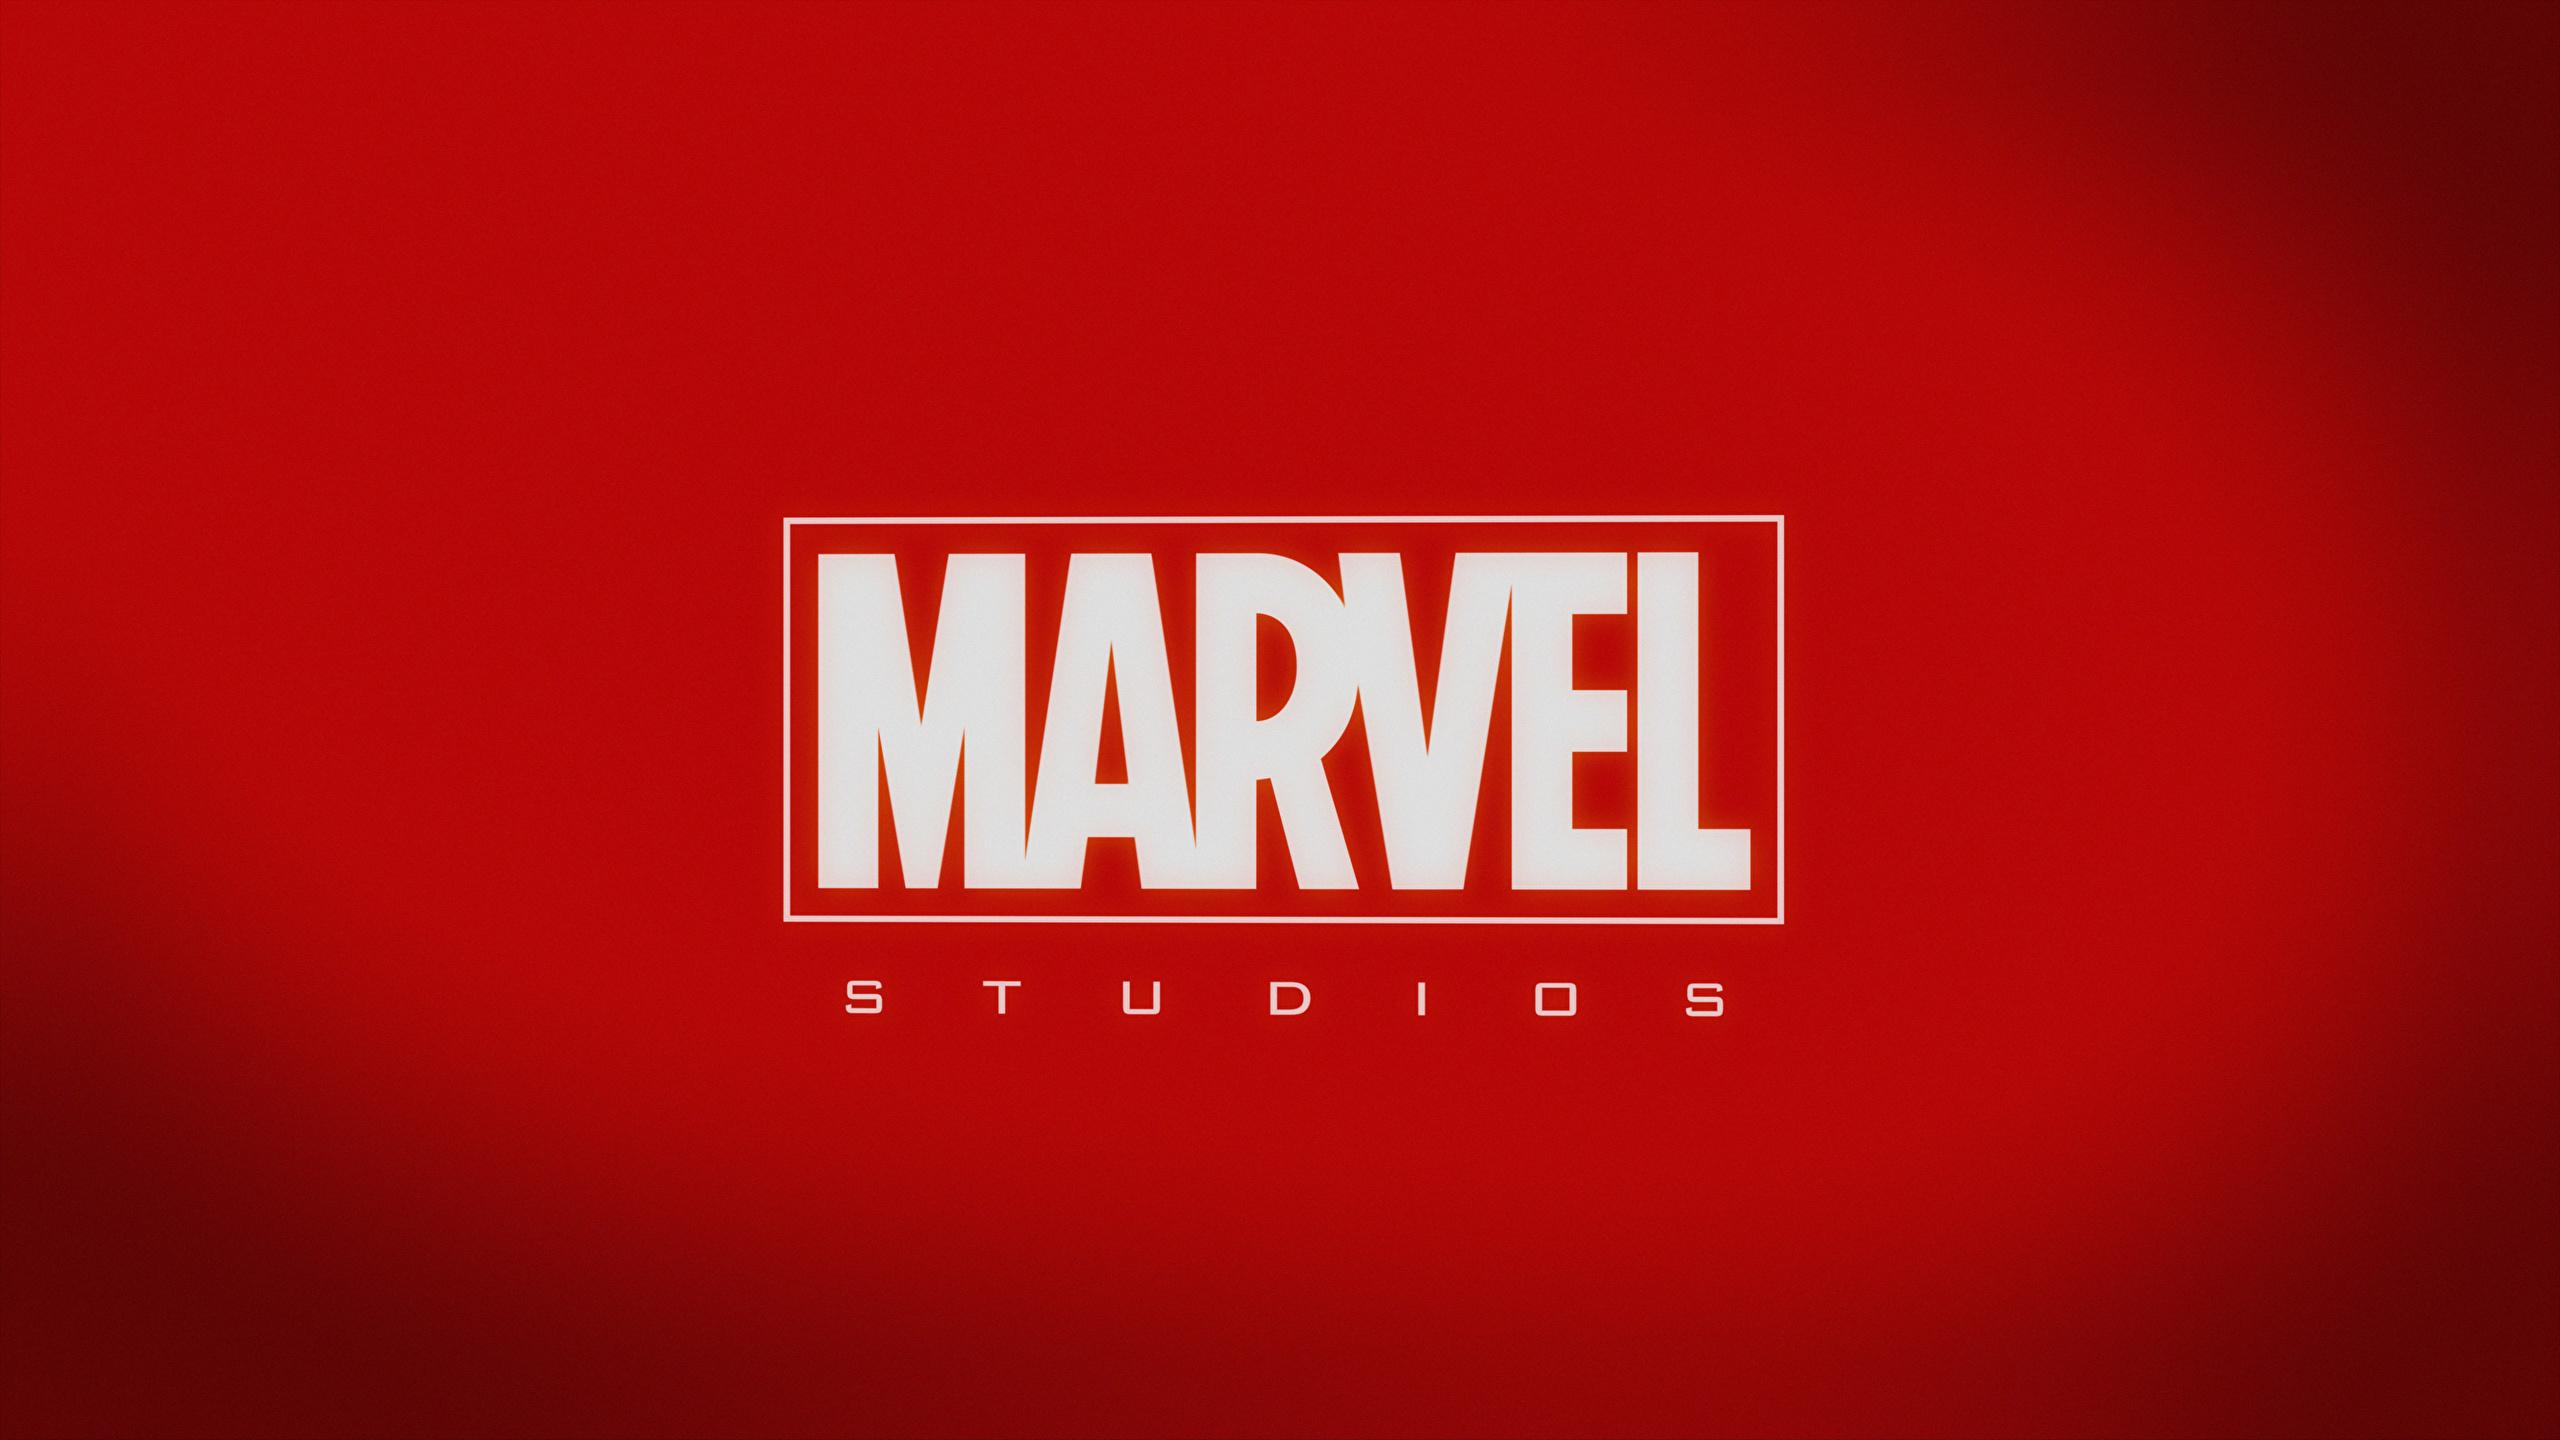 Fonds Decran 2560x1440 Logotype Emblème Marvel Rouge